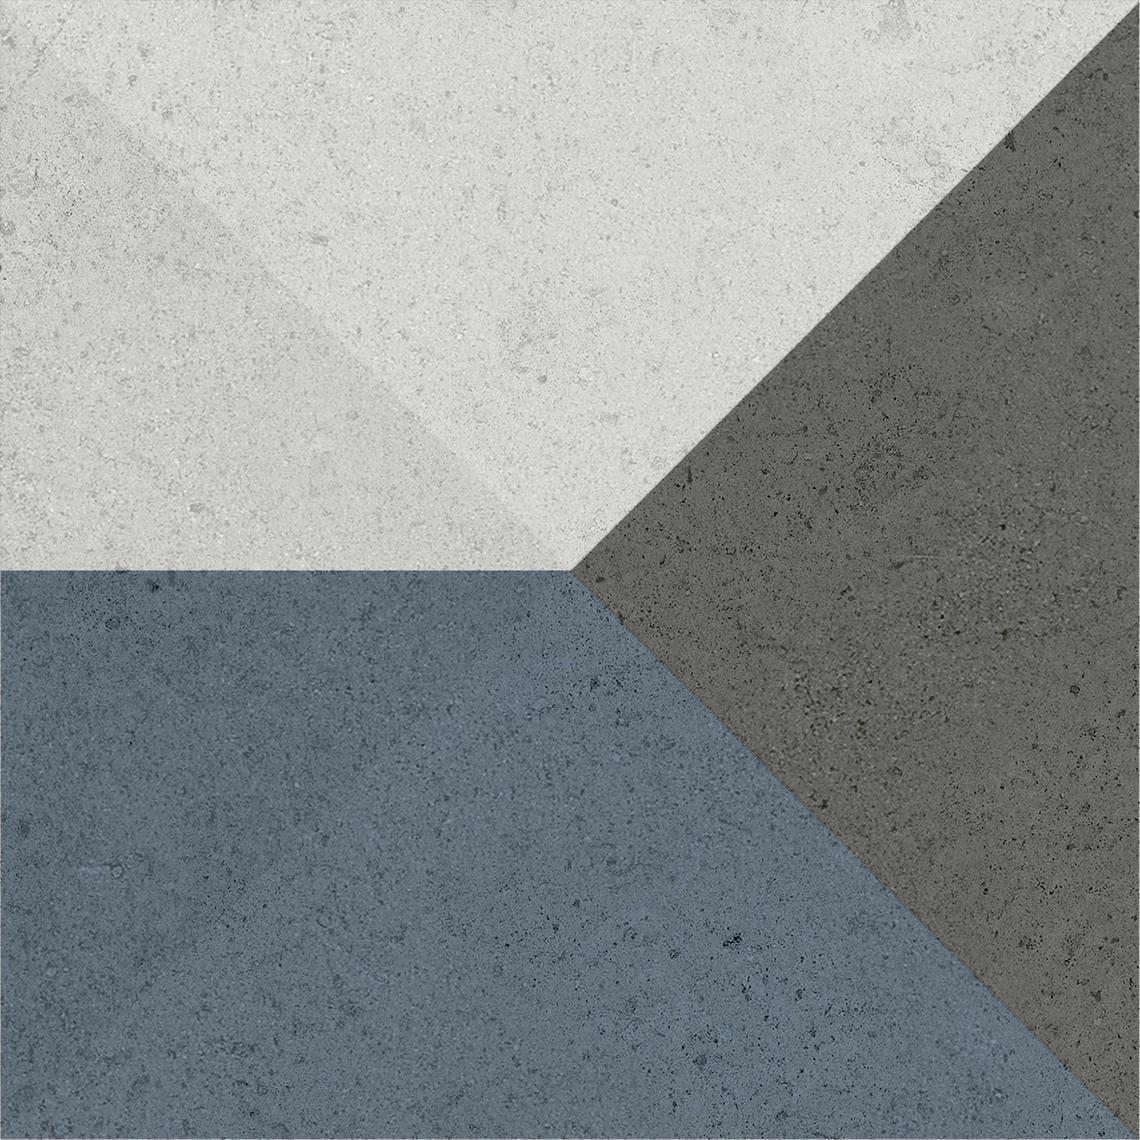 NAPOLI CHIC BLUE (20x20)